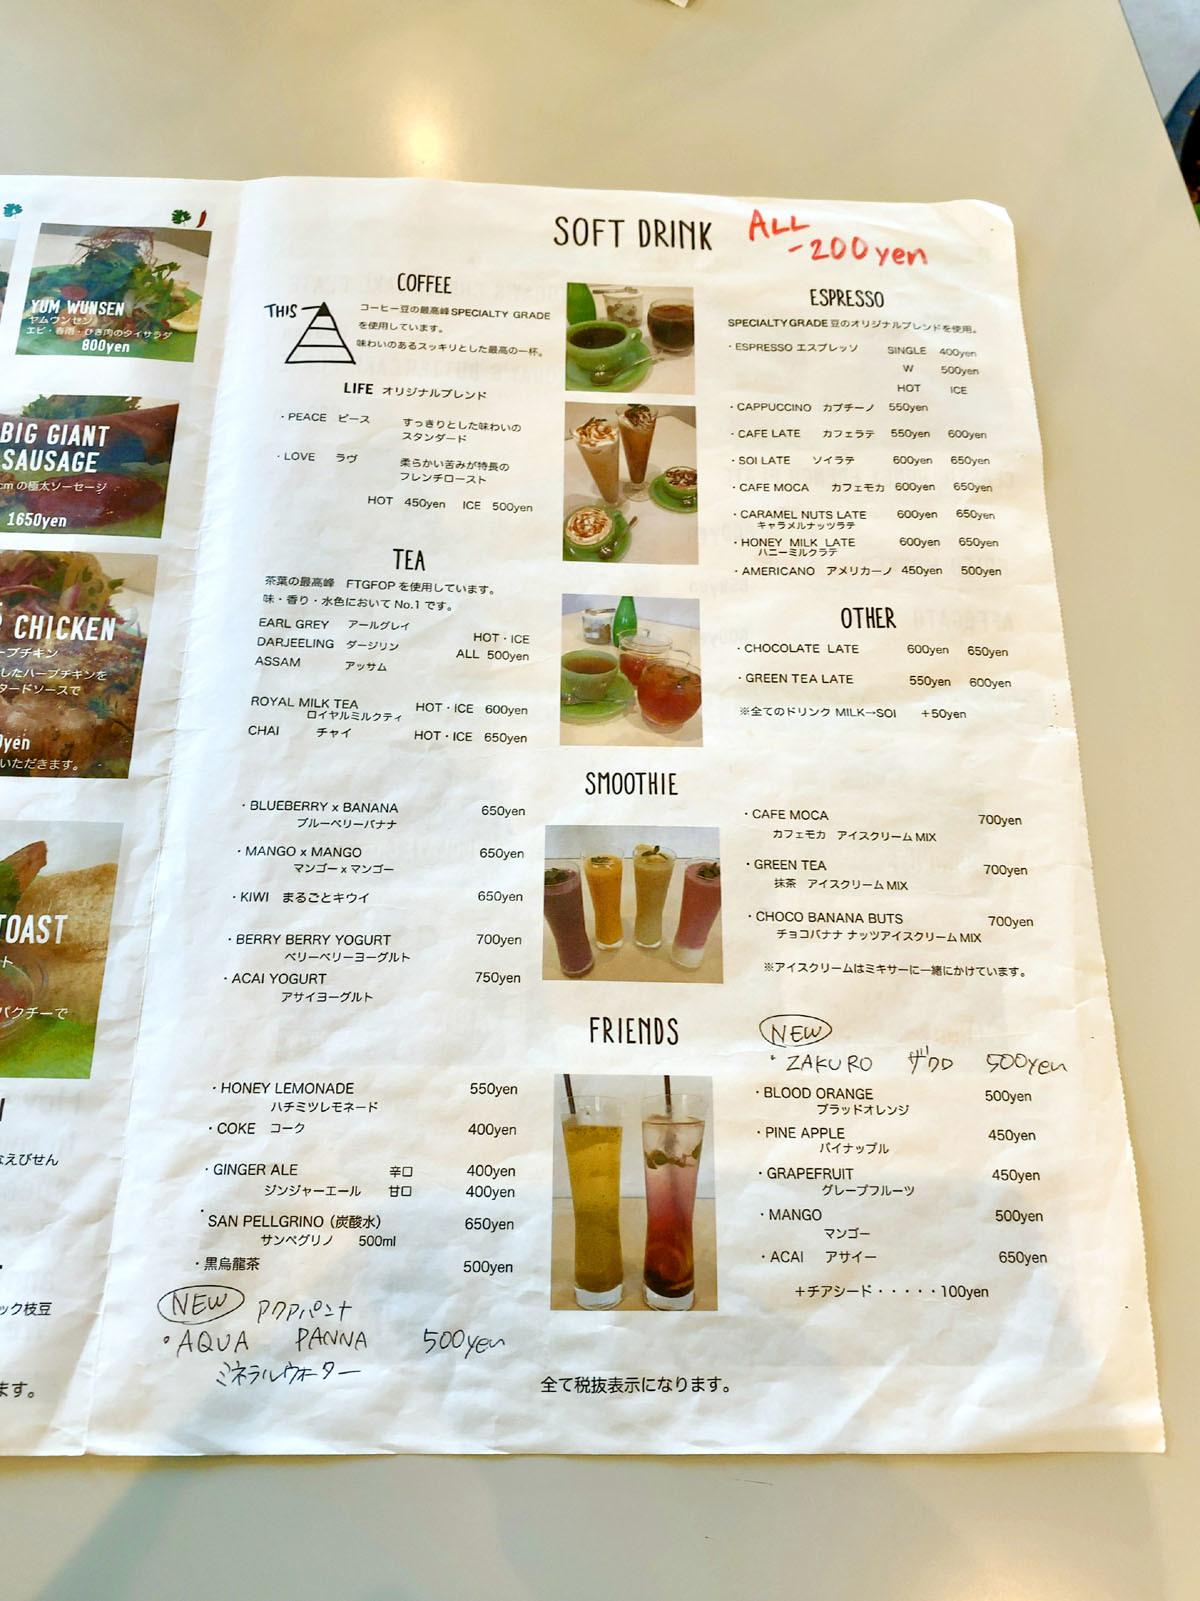 LIFE cafe メニュー(ソフトドリンク)